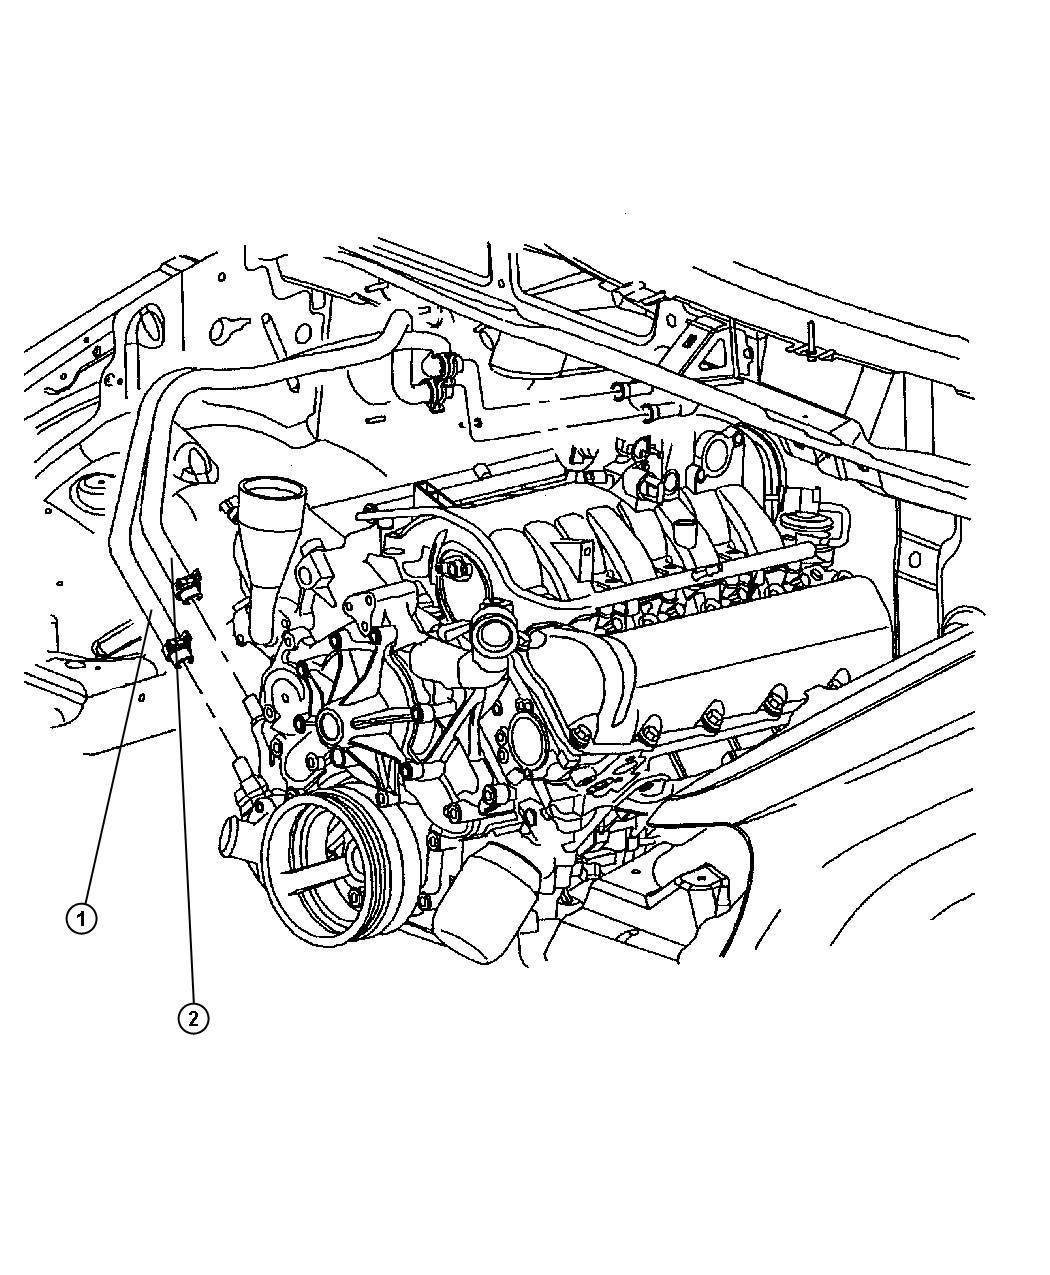 2000 Jeep Wrangler Transmission Diagram 2001 Jeep Wrangler